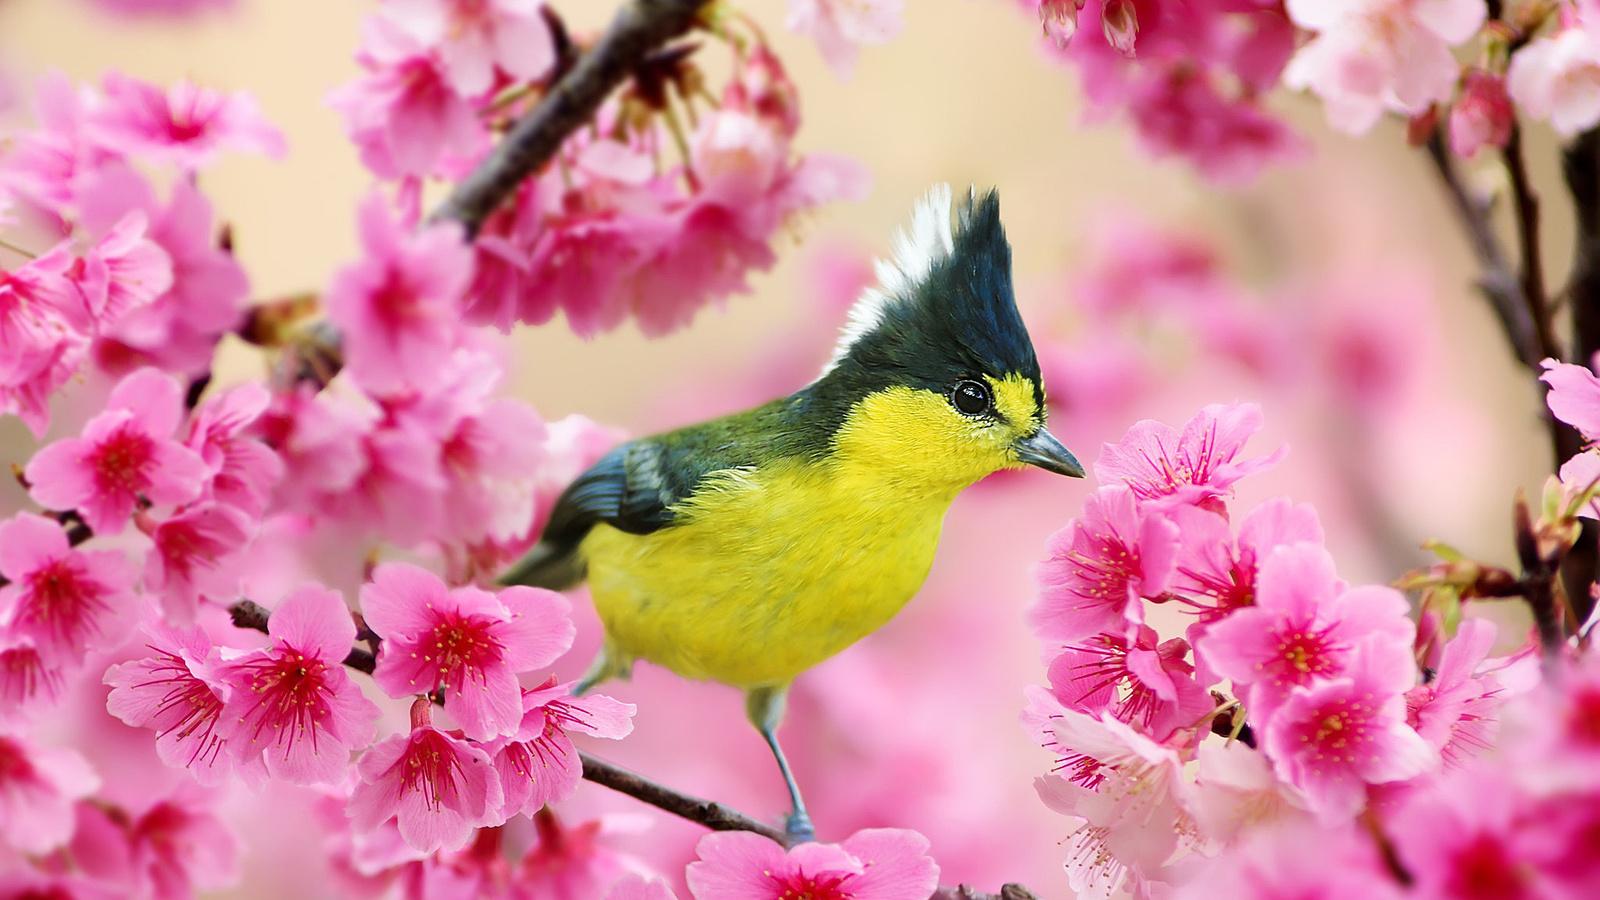 Самые красивые картинки весны, молодую девушку днем